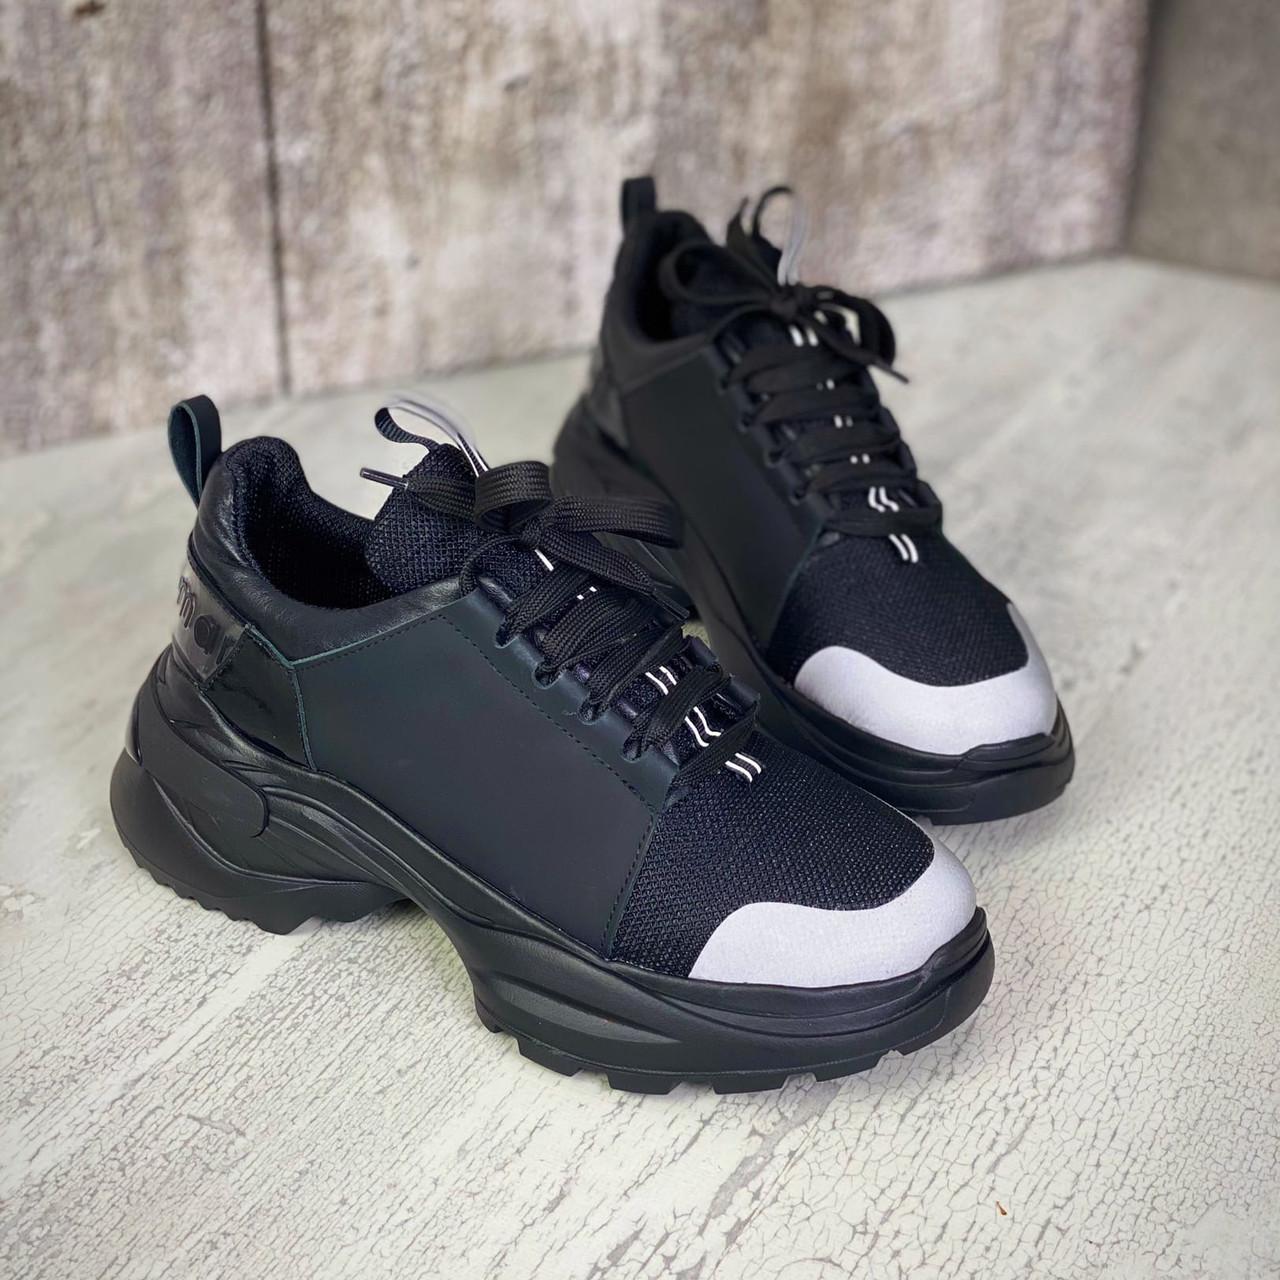 Жіночі кросівки з натуральної шкіри та текстилю 36-40 р чорний